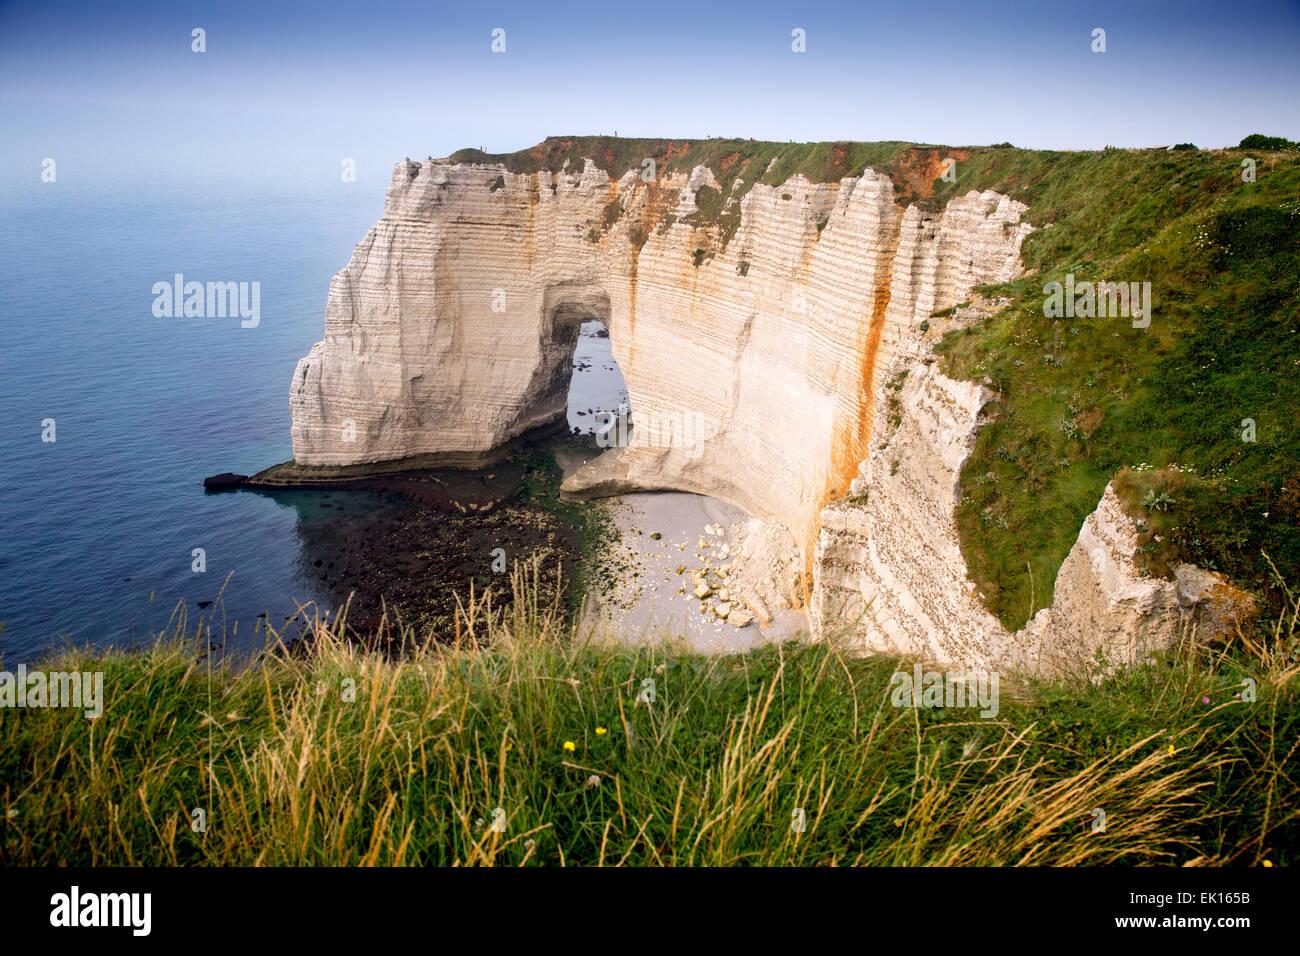 Falaise d'aval, sea cliff, Étretat, Côte d'Albatre, Haute-Normandie, Normandy, France, Europe - Stock Image